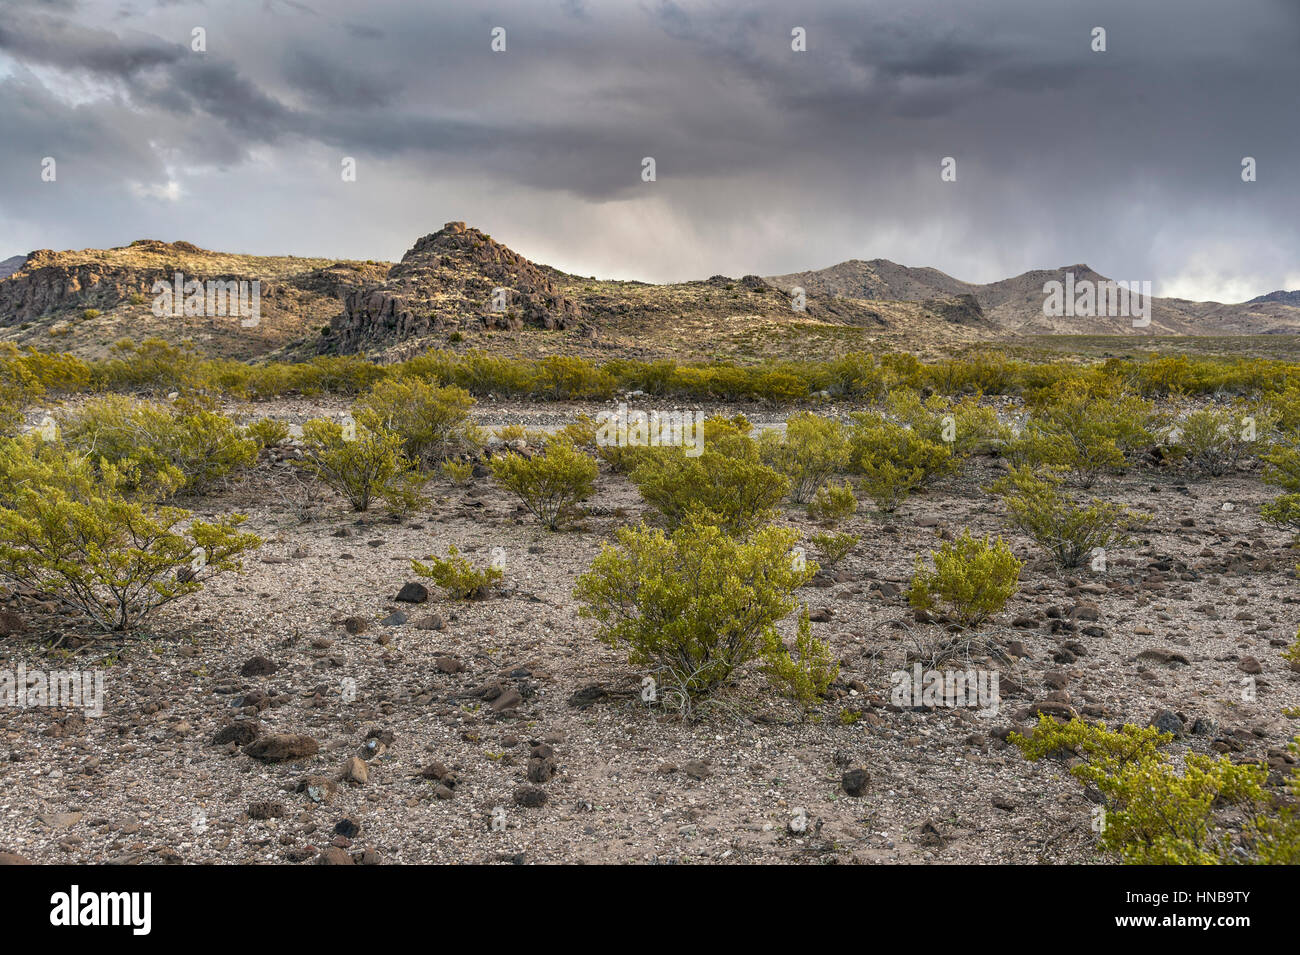 Rainstorm In Arizona Desert, Arizona, USA - Stock Image